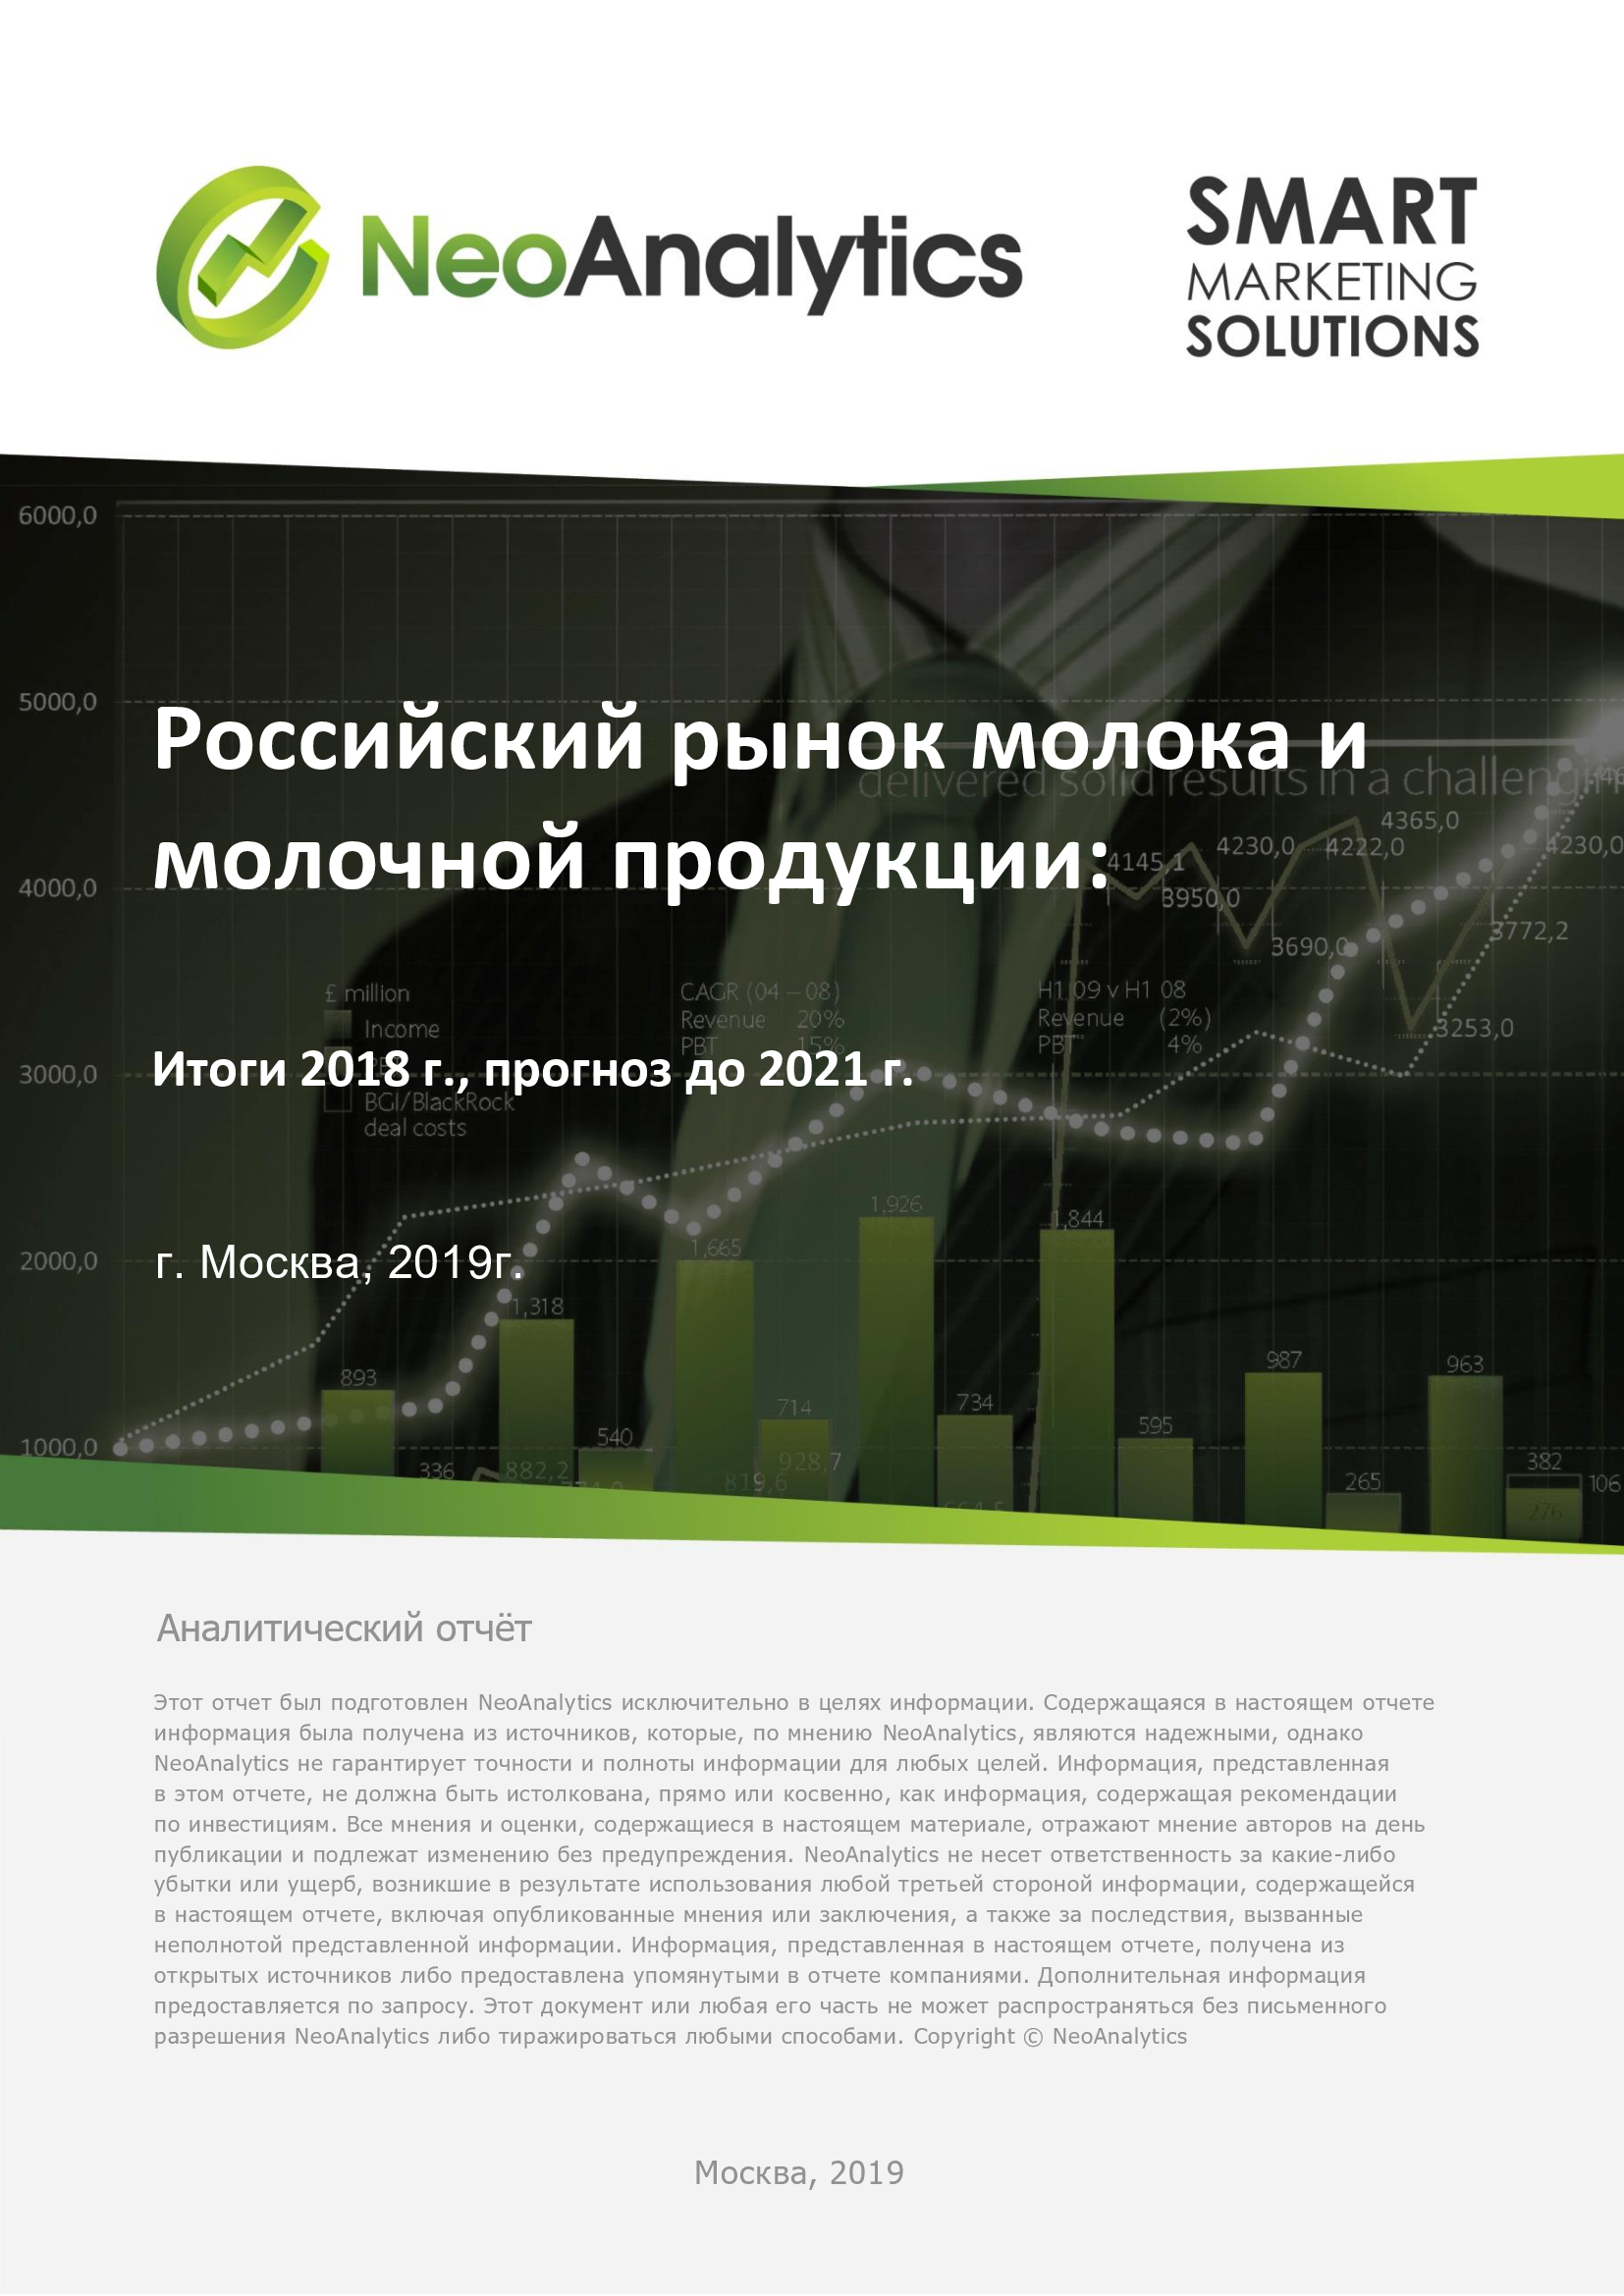 Анализ российского рынка молока и молочной продукции: итоги 2018 г., прогноз до 2021 г.